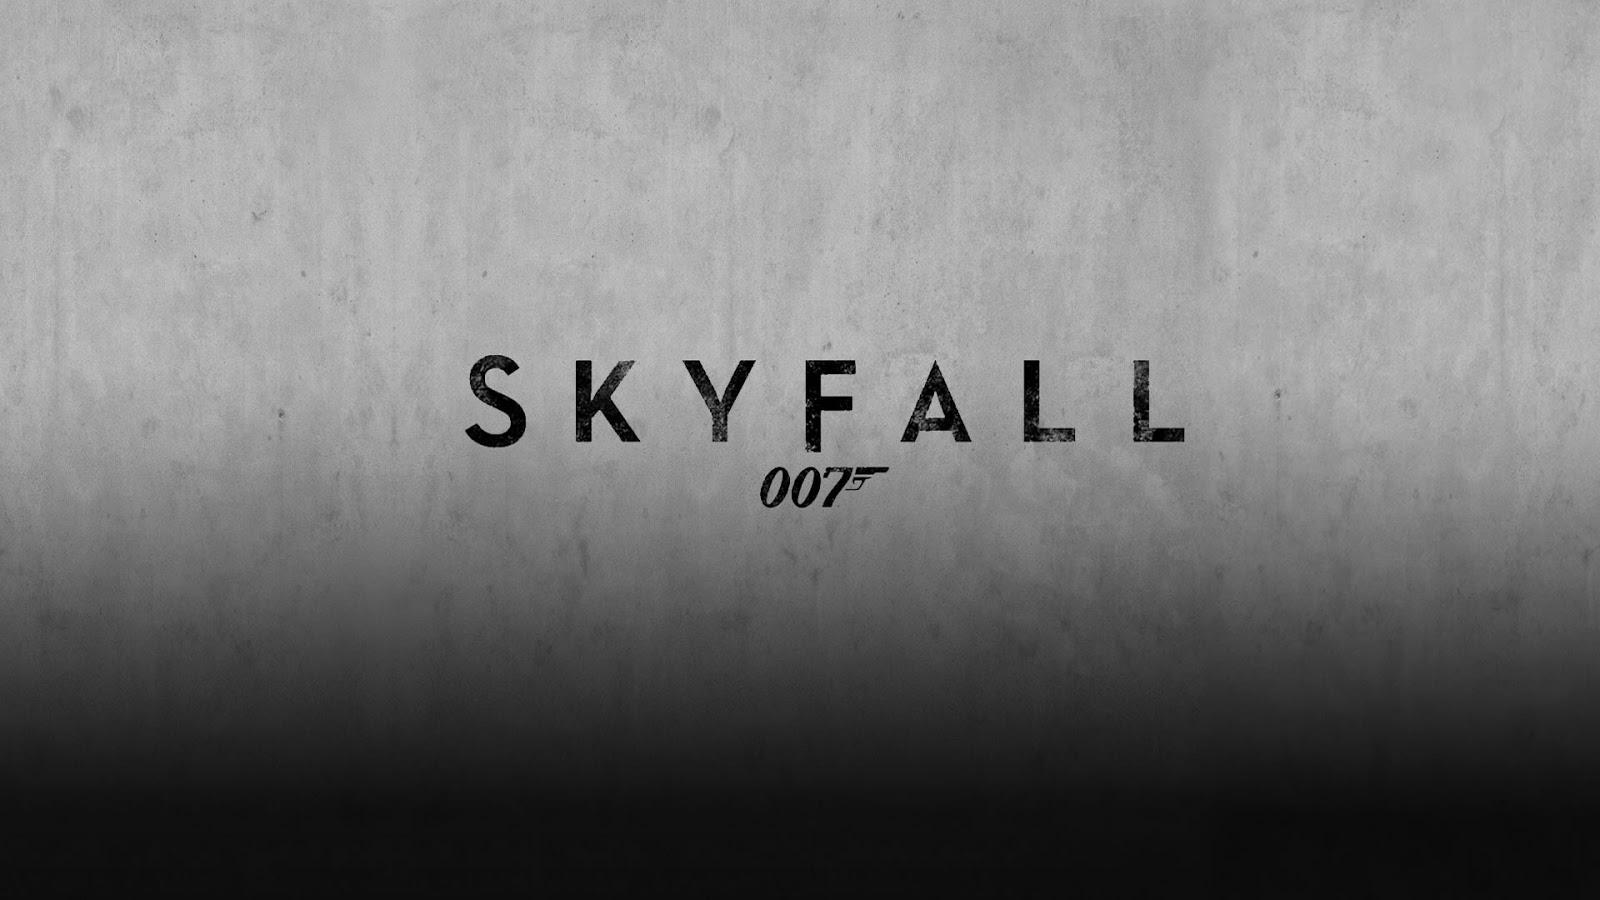 http://2.bp.blogspot.com/-VlJTjq00LKs/UKRvhCK8FlI/AAAAAAAAAtk/UjmpBNqeWfQ/s1600/James-Bond-007+Skyfall+wallpaper07.jpg